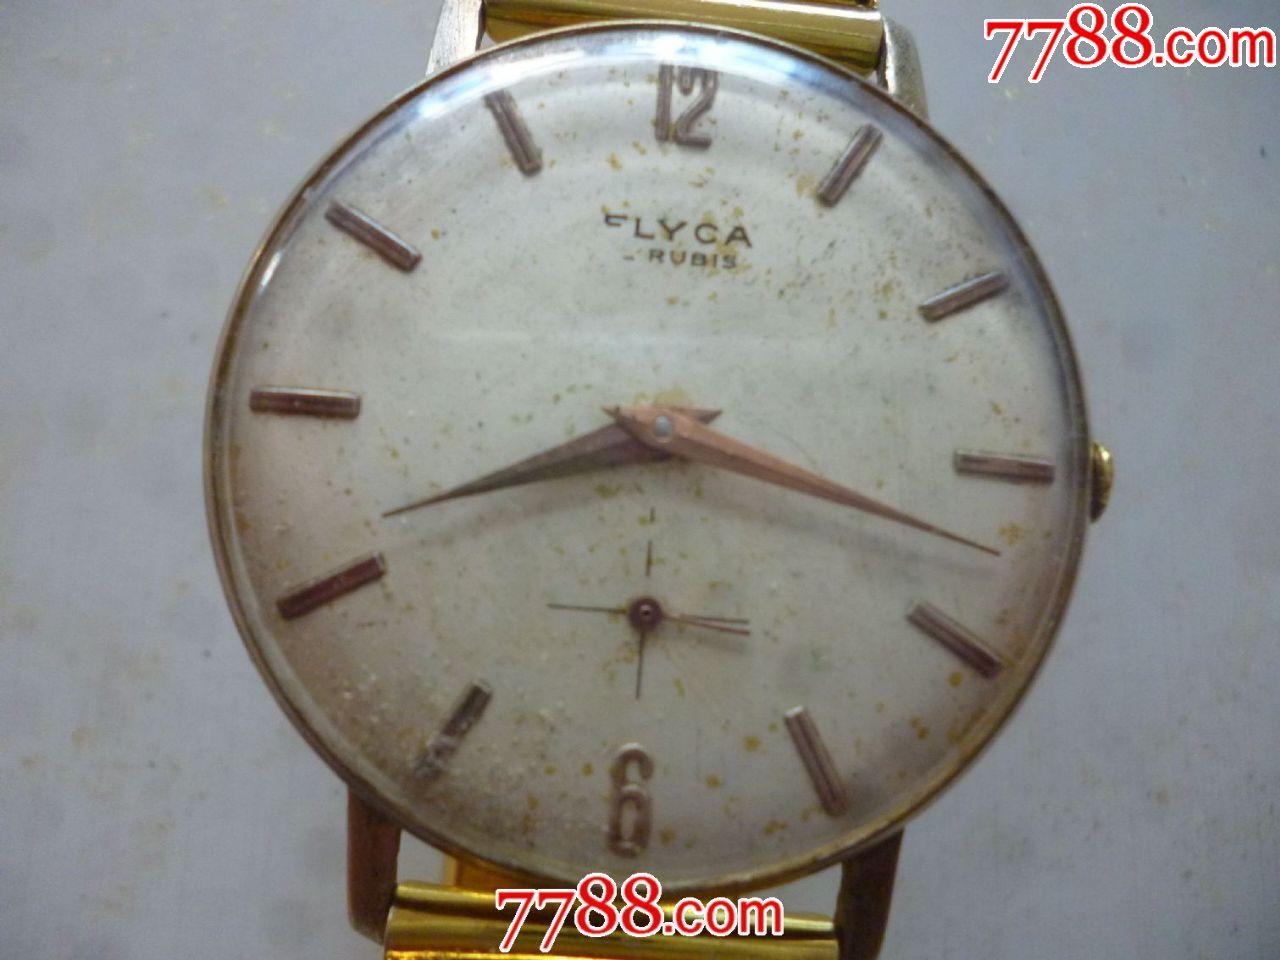 50年代瑞士名表\包金\15钻\【FLYCA】-【福尔依卡】男士两针半古董老表!(se67322641)_